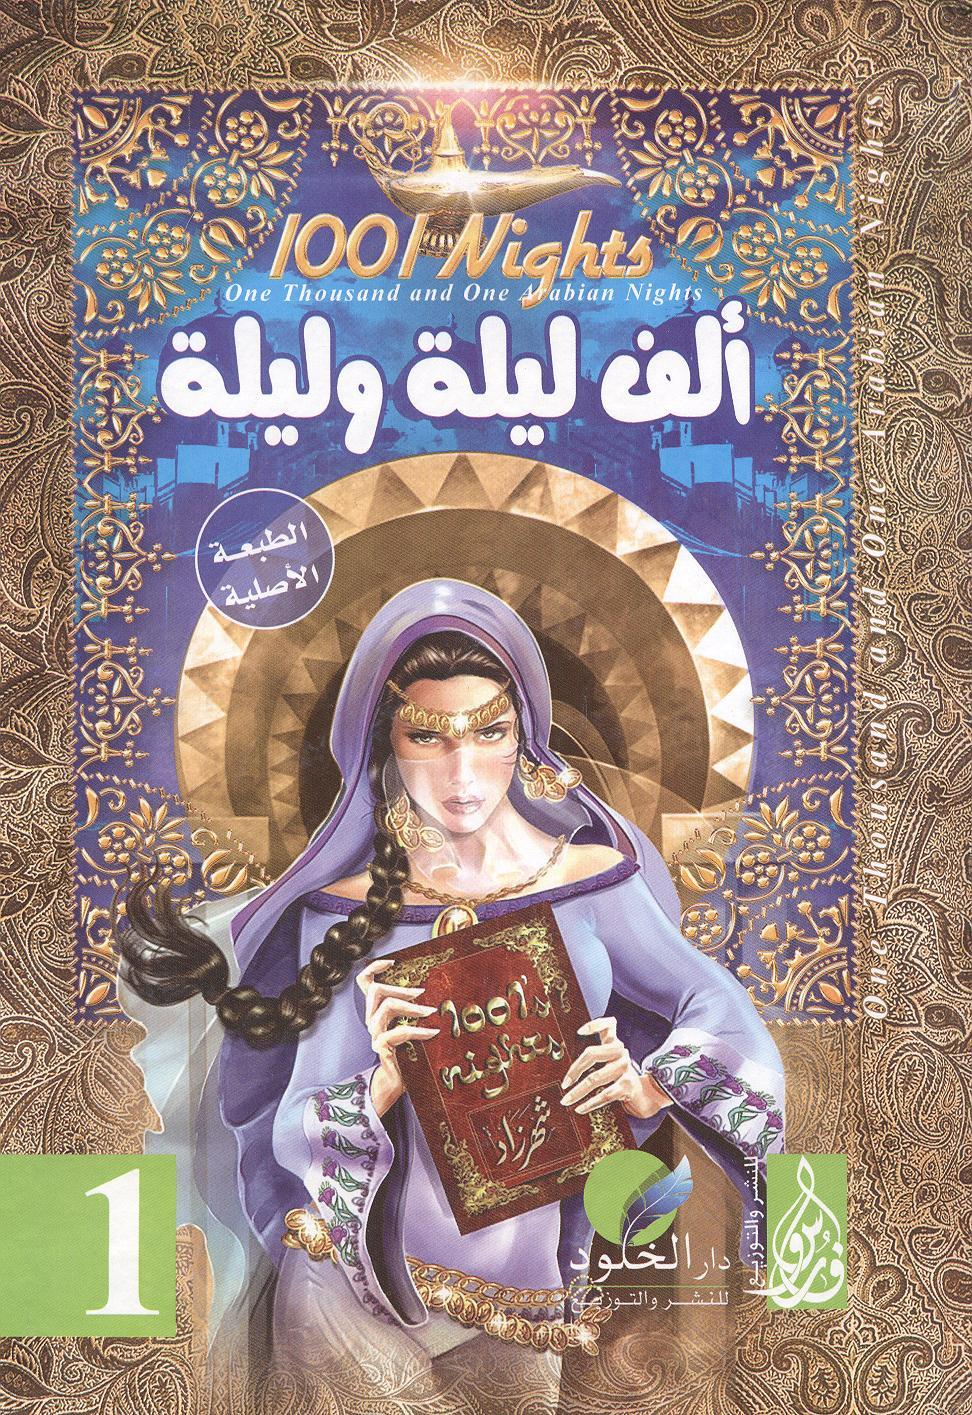 كتاب الف ليله وليله